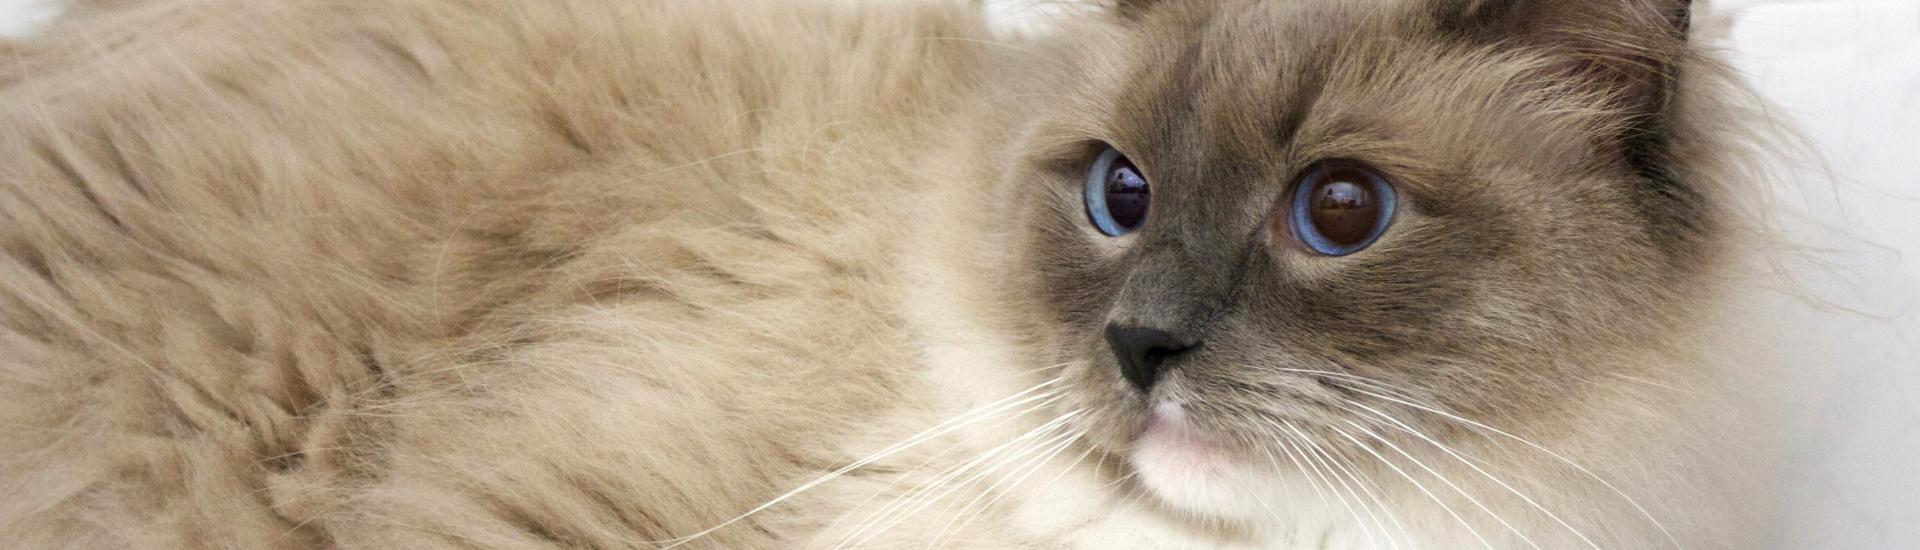 Jsme klinika přátelská ke kočkám!